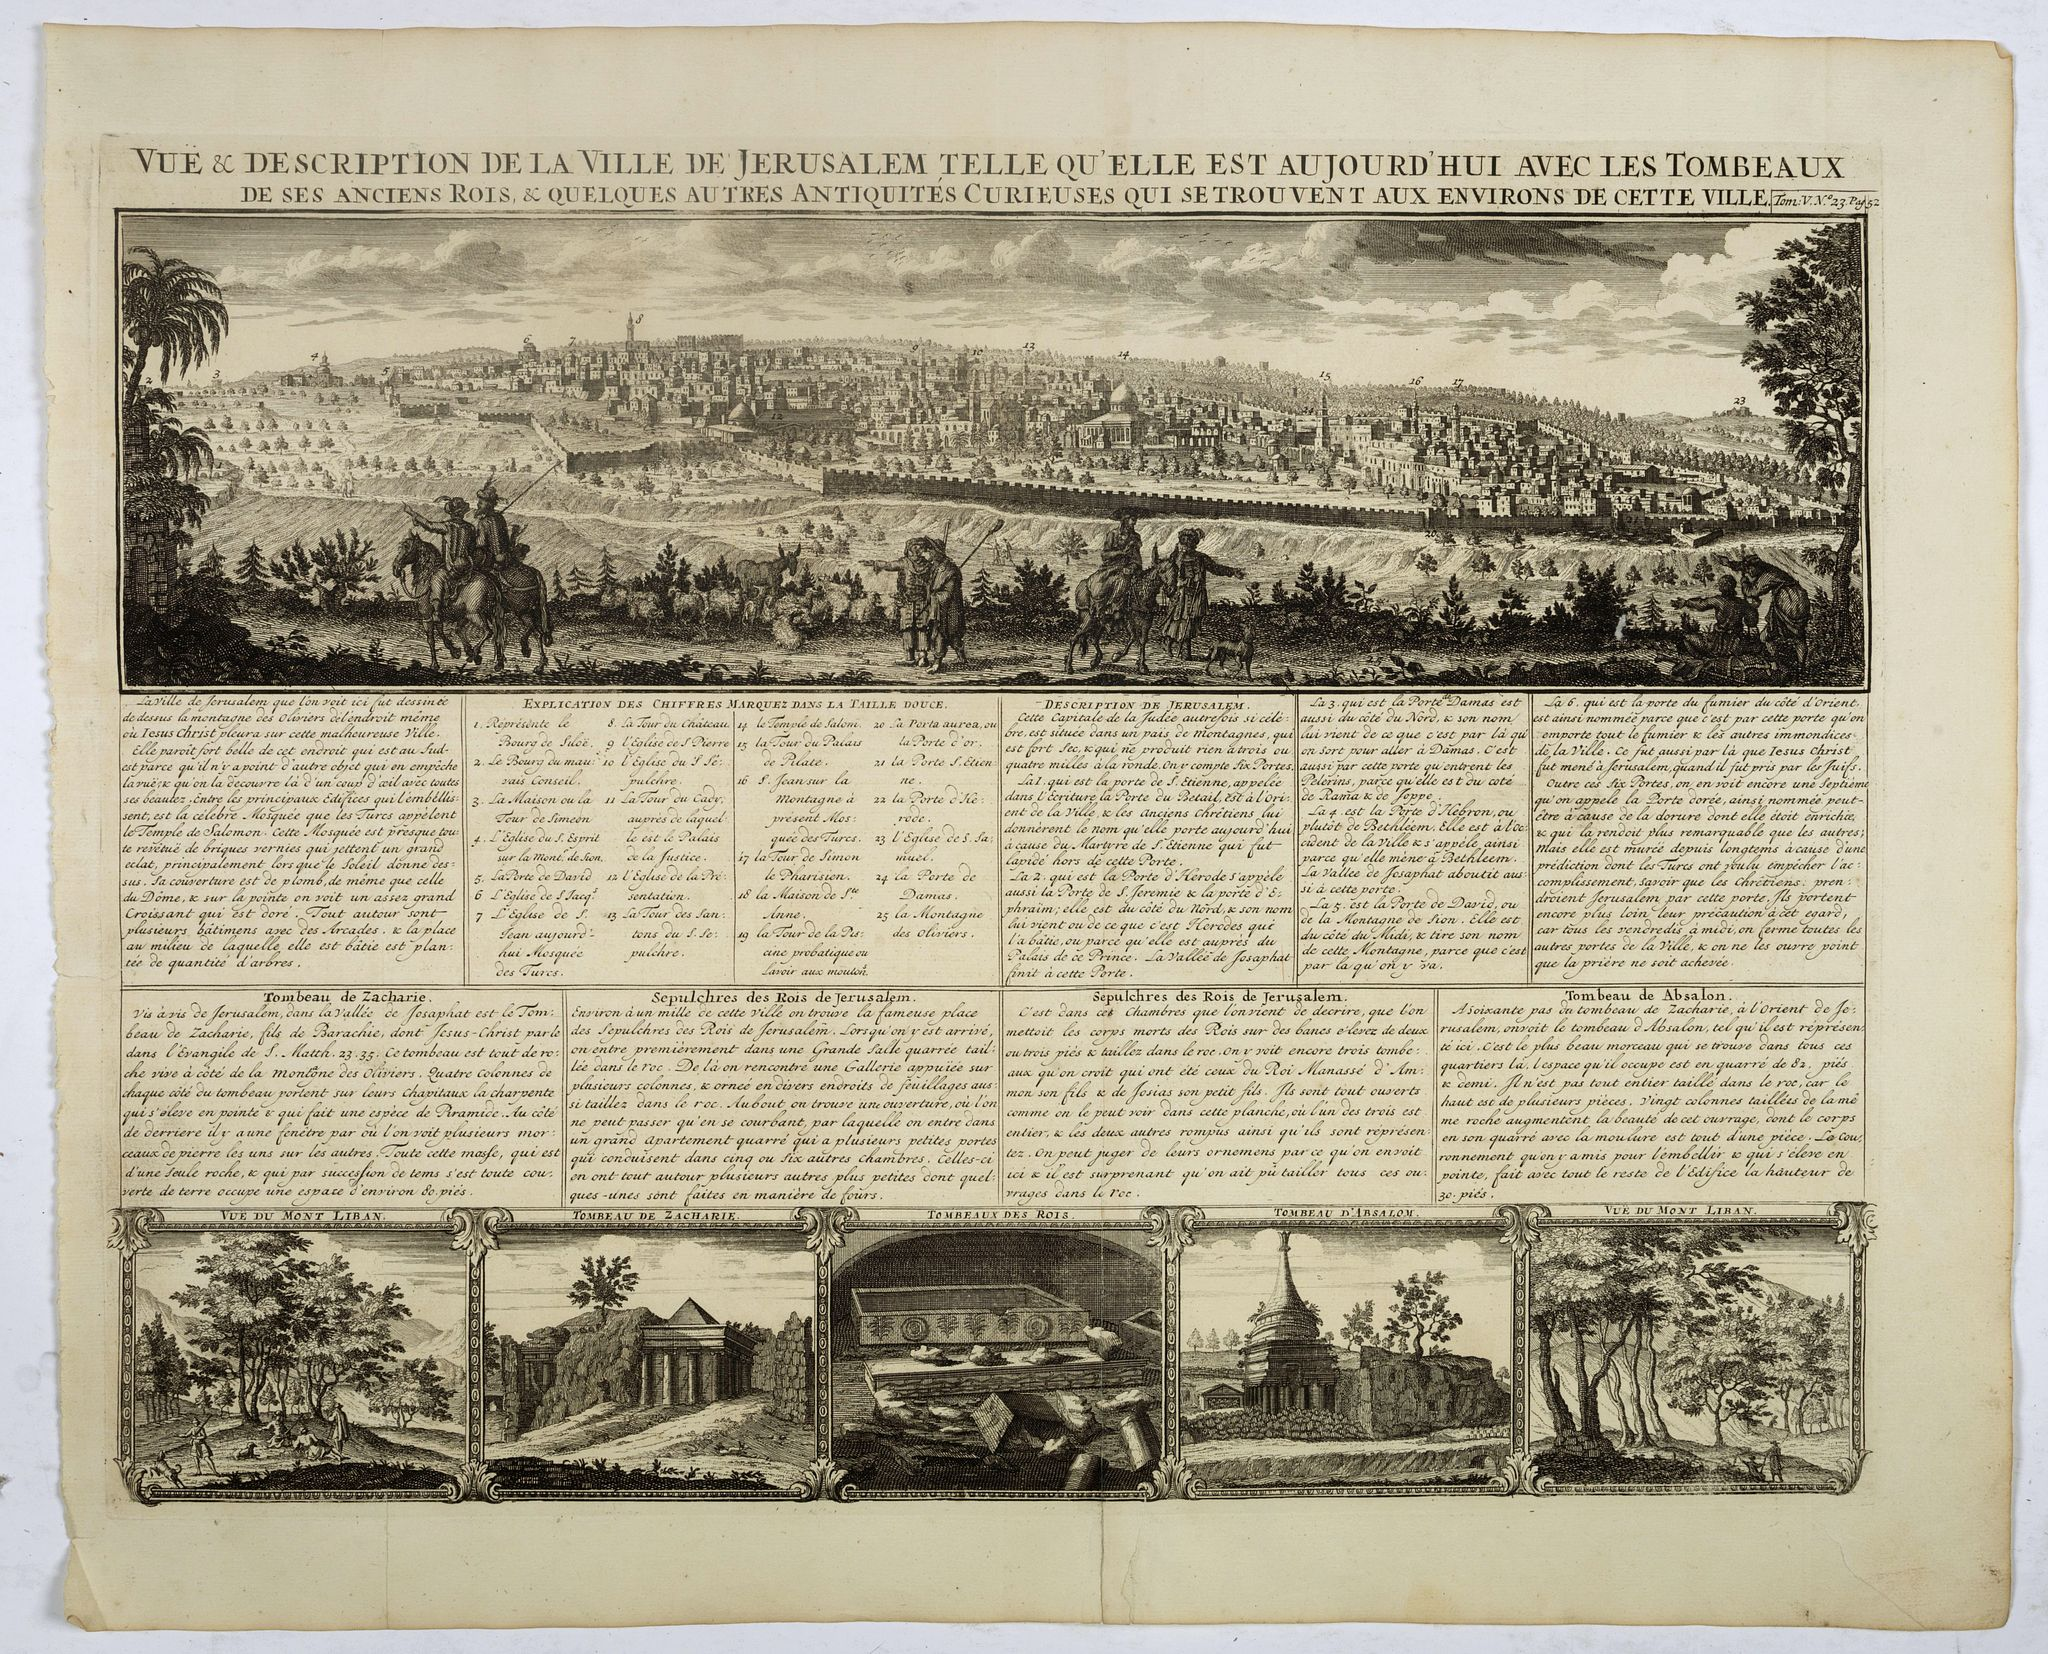 CHATELAIN,H. -  Vue & discription de la Ville de Jerusalem..avec Tombeaux..